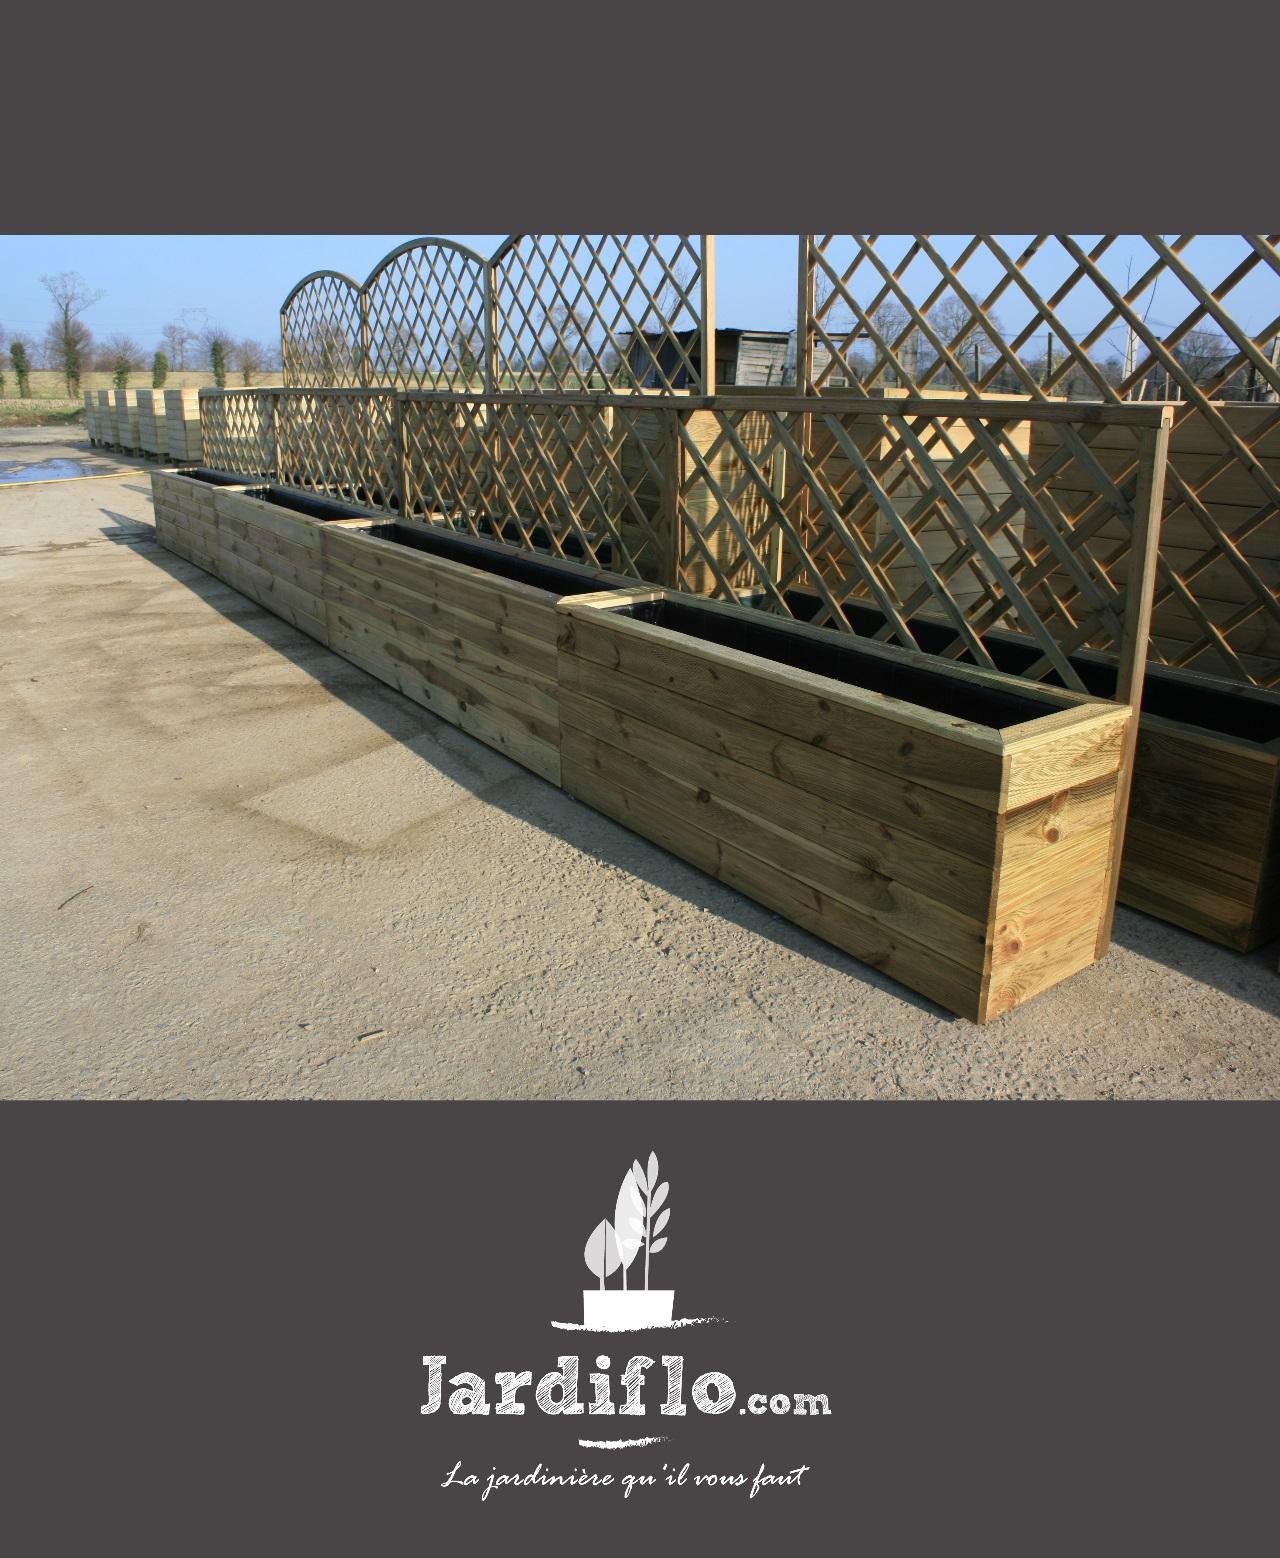 Accueil jardiflo - Jardiniere xxl ...